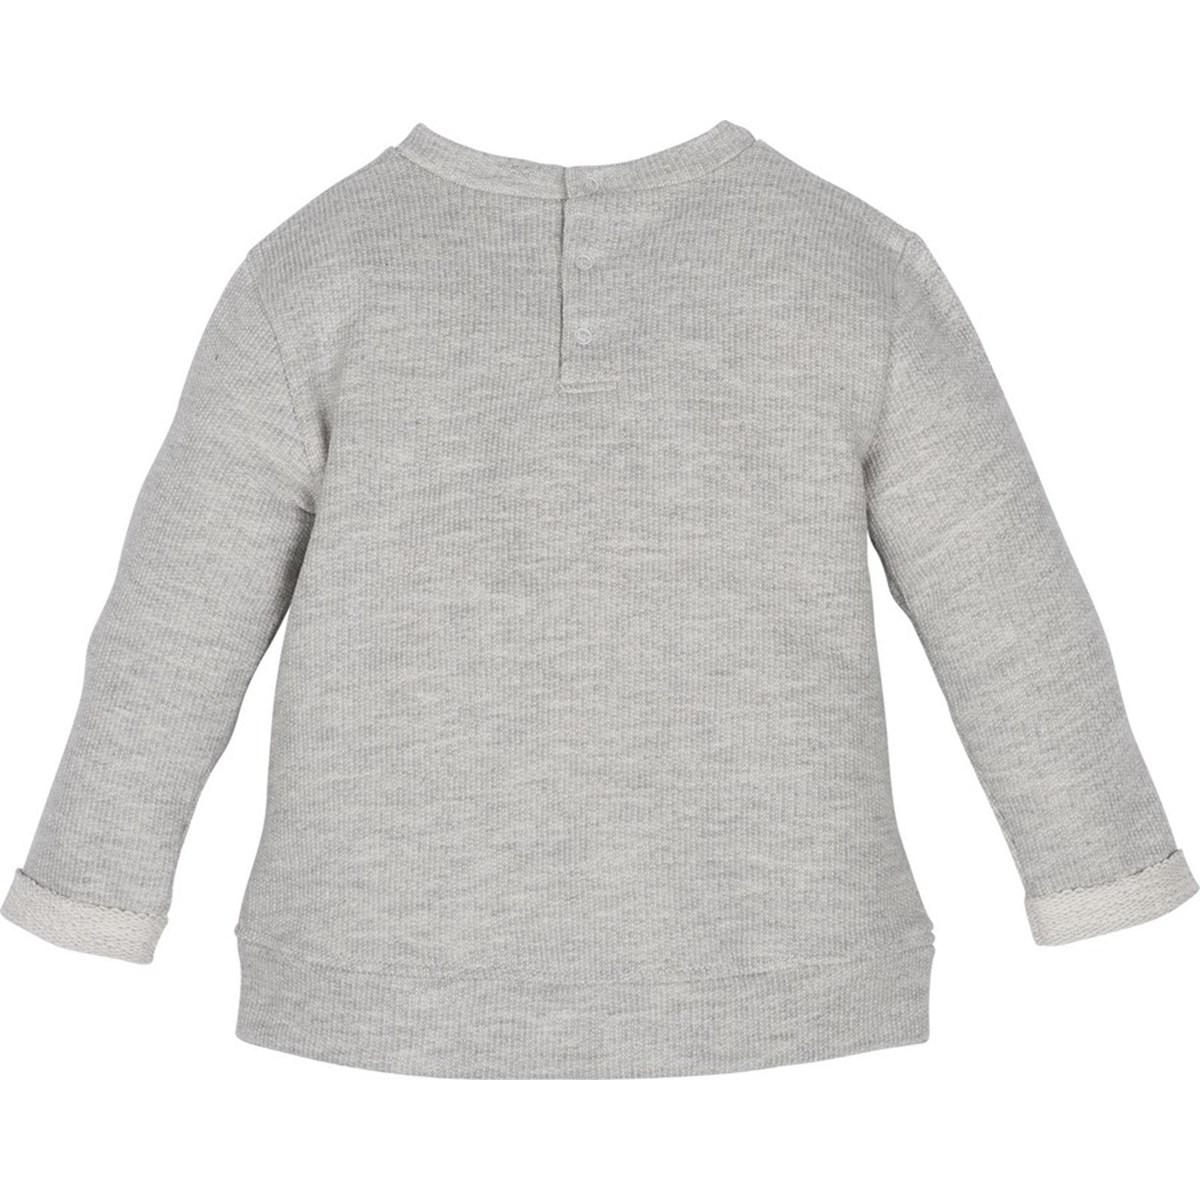 12633 Sweatshirt 2